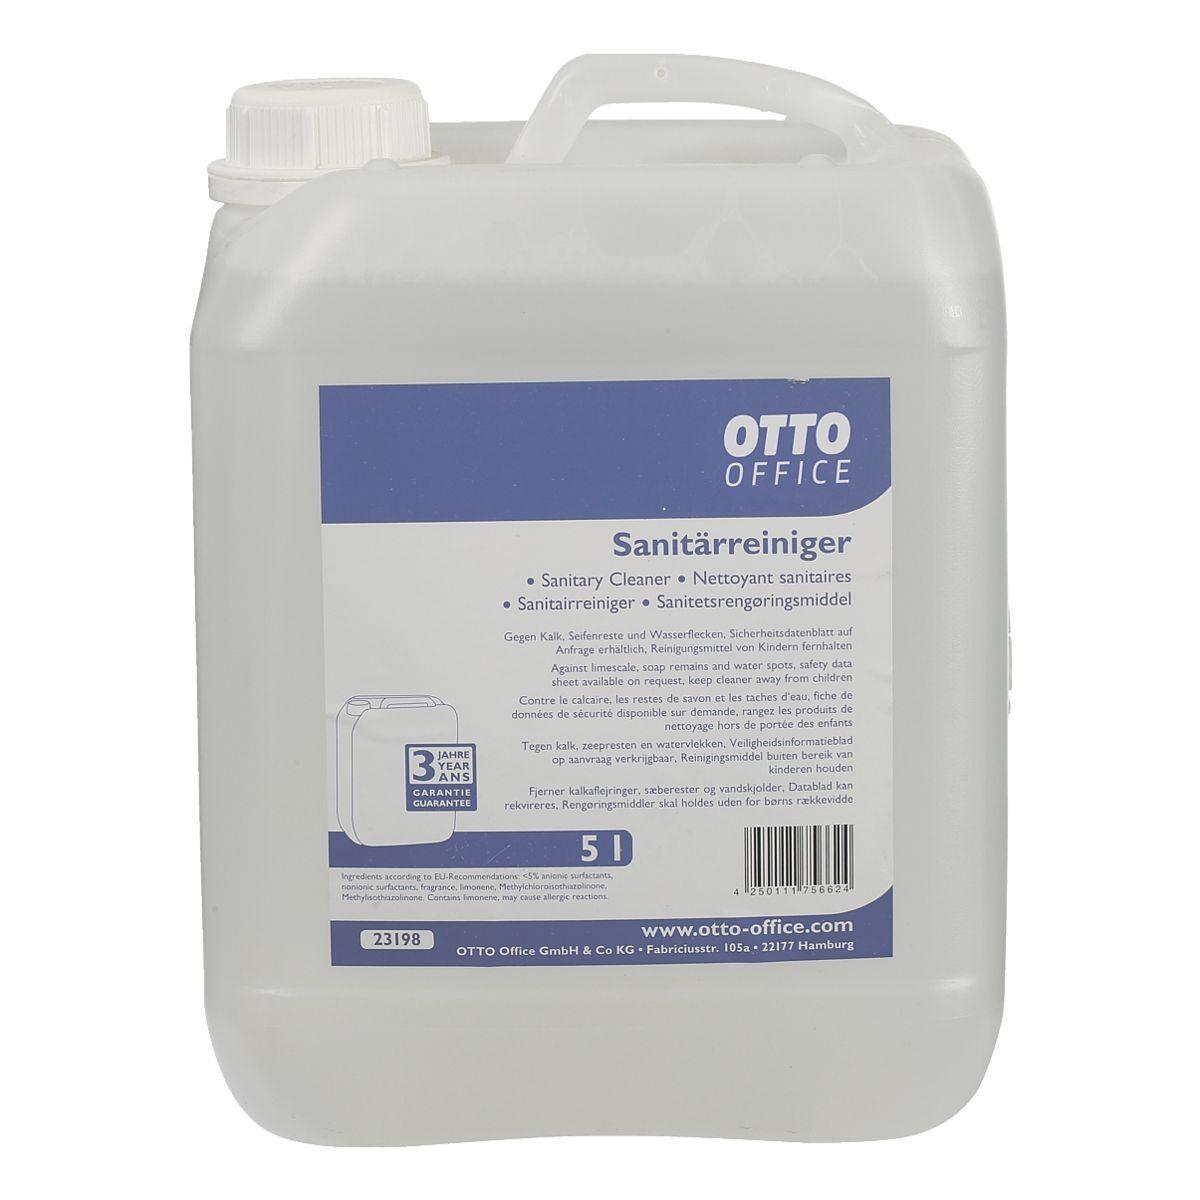 OTTO Office Standard Sanitärreiniger